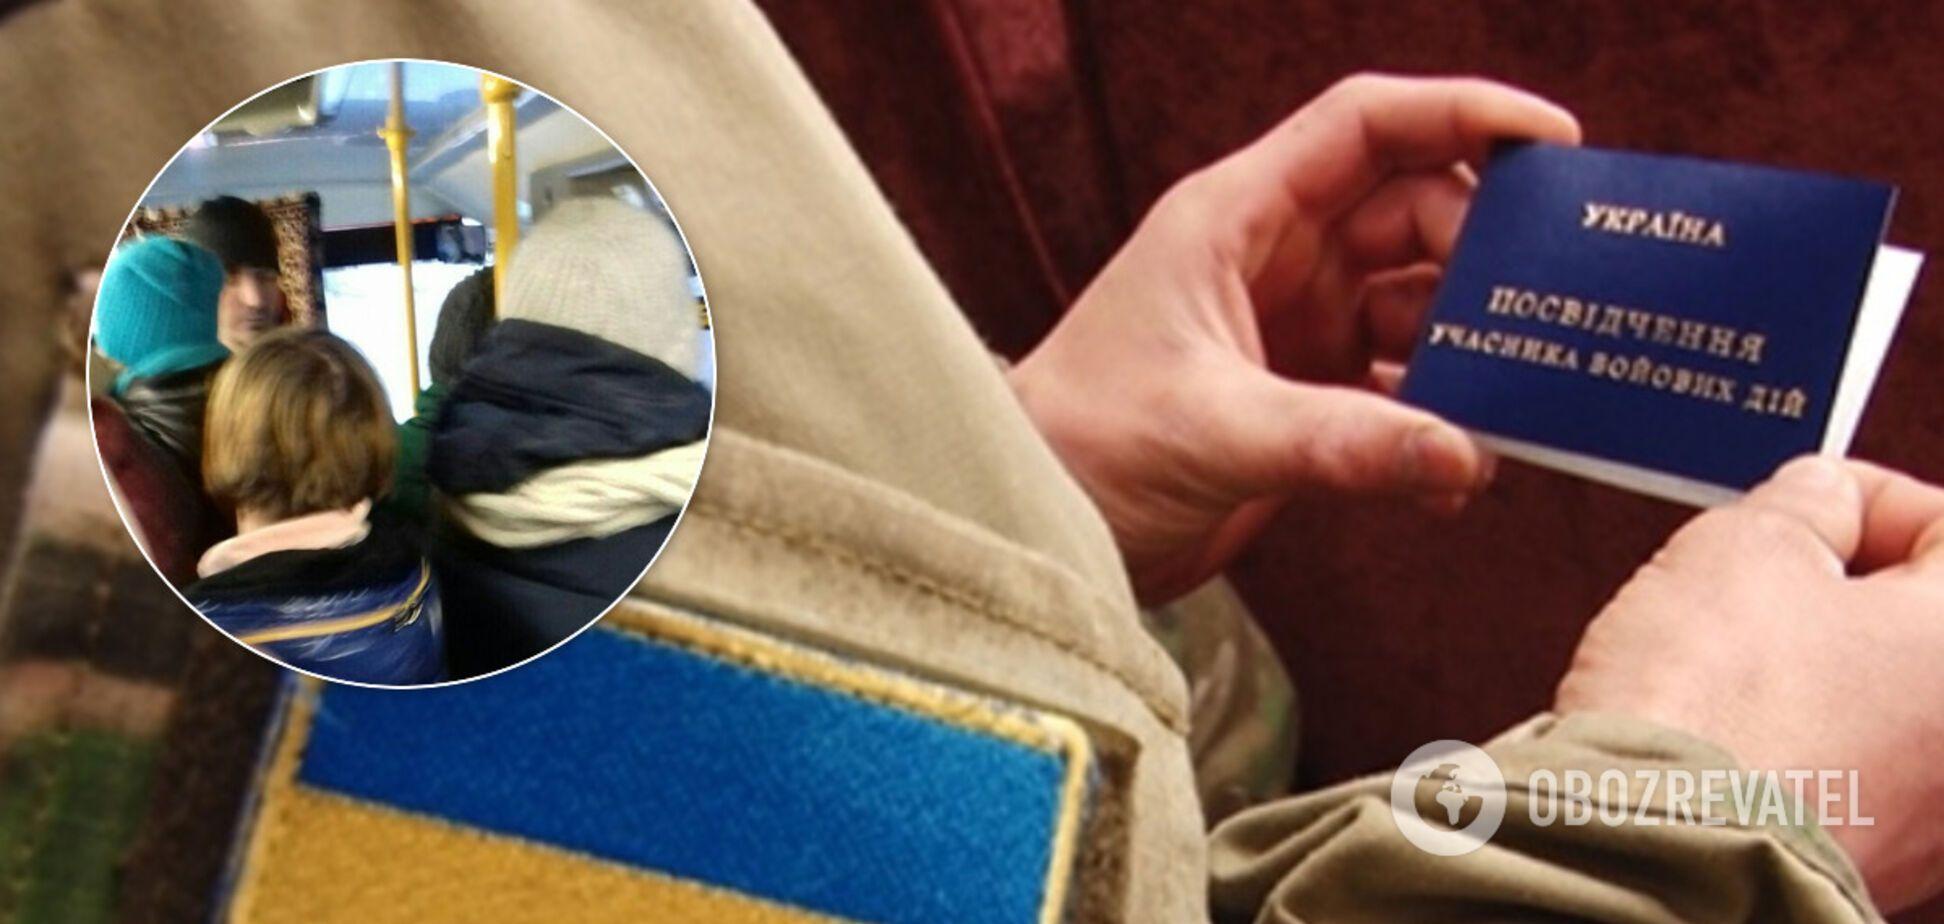 'Іди воюй!' У Маріуполі кондукторка зчепилася з ветераном АТО. Фото